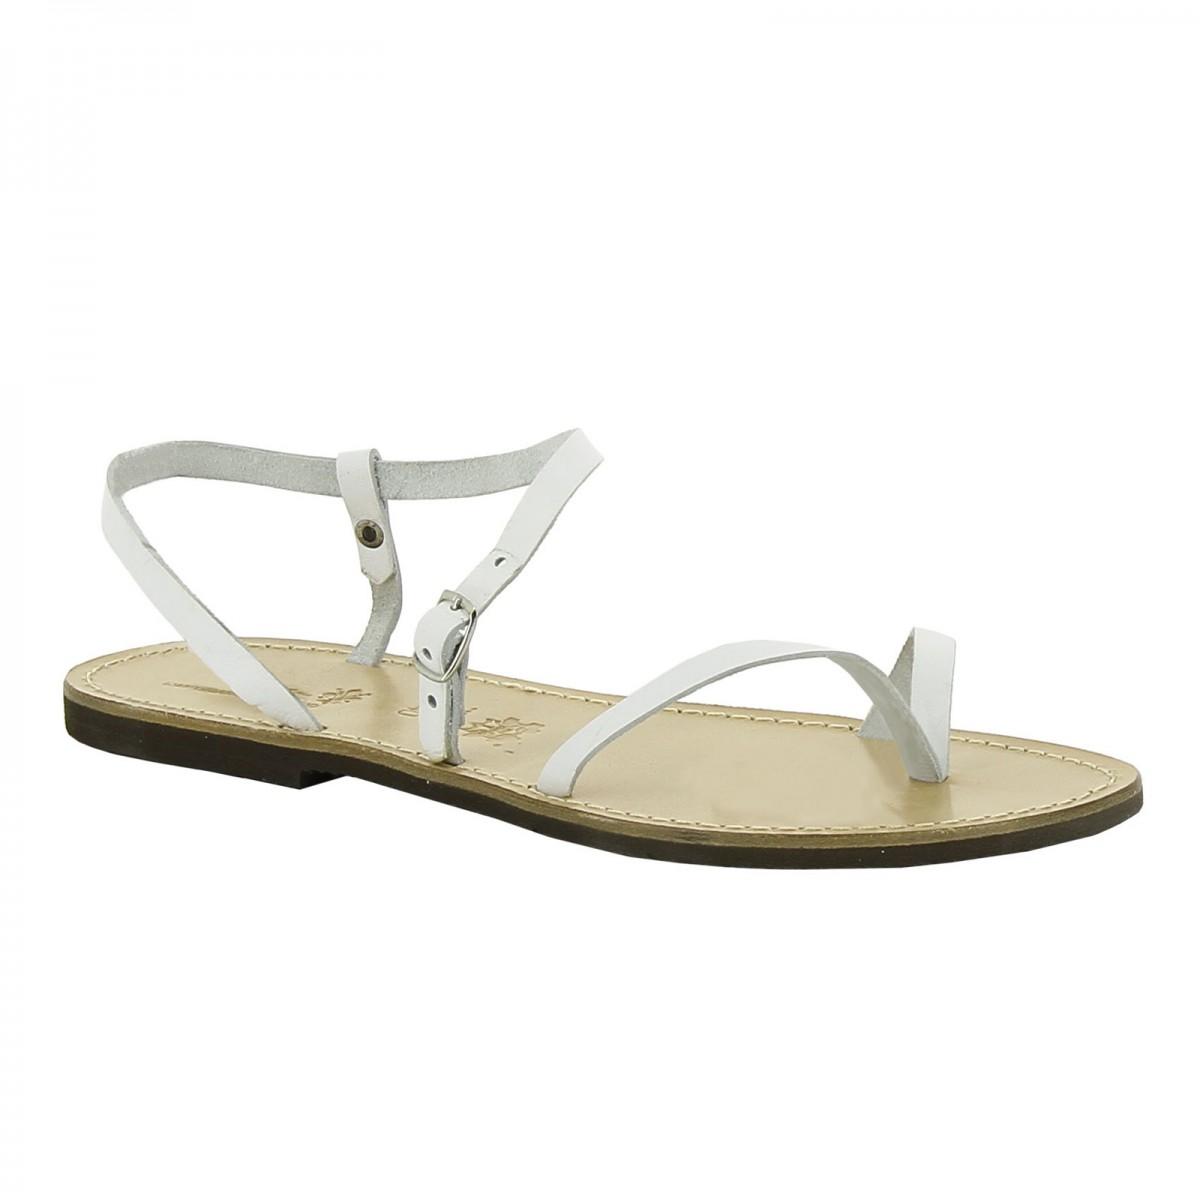 Artesanales Las Sandalias Blanco De Para Cuero Mujeres b67yfgYv